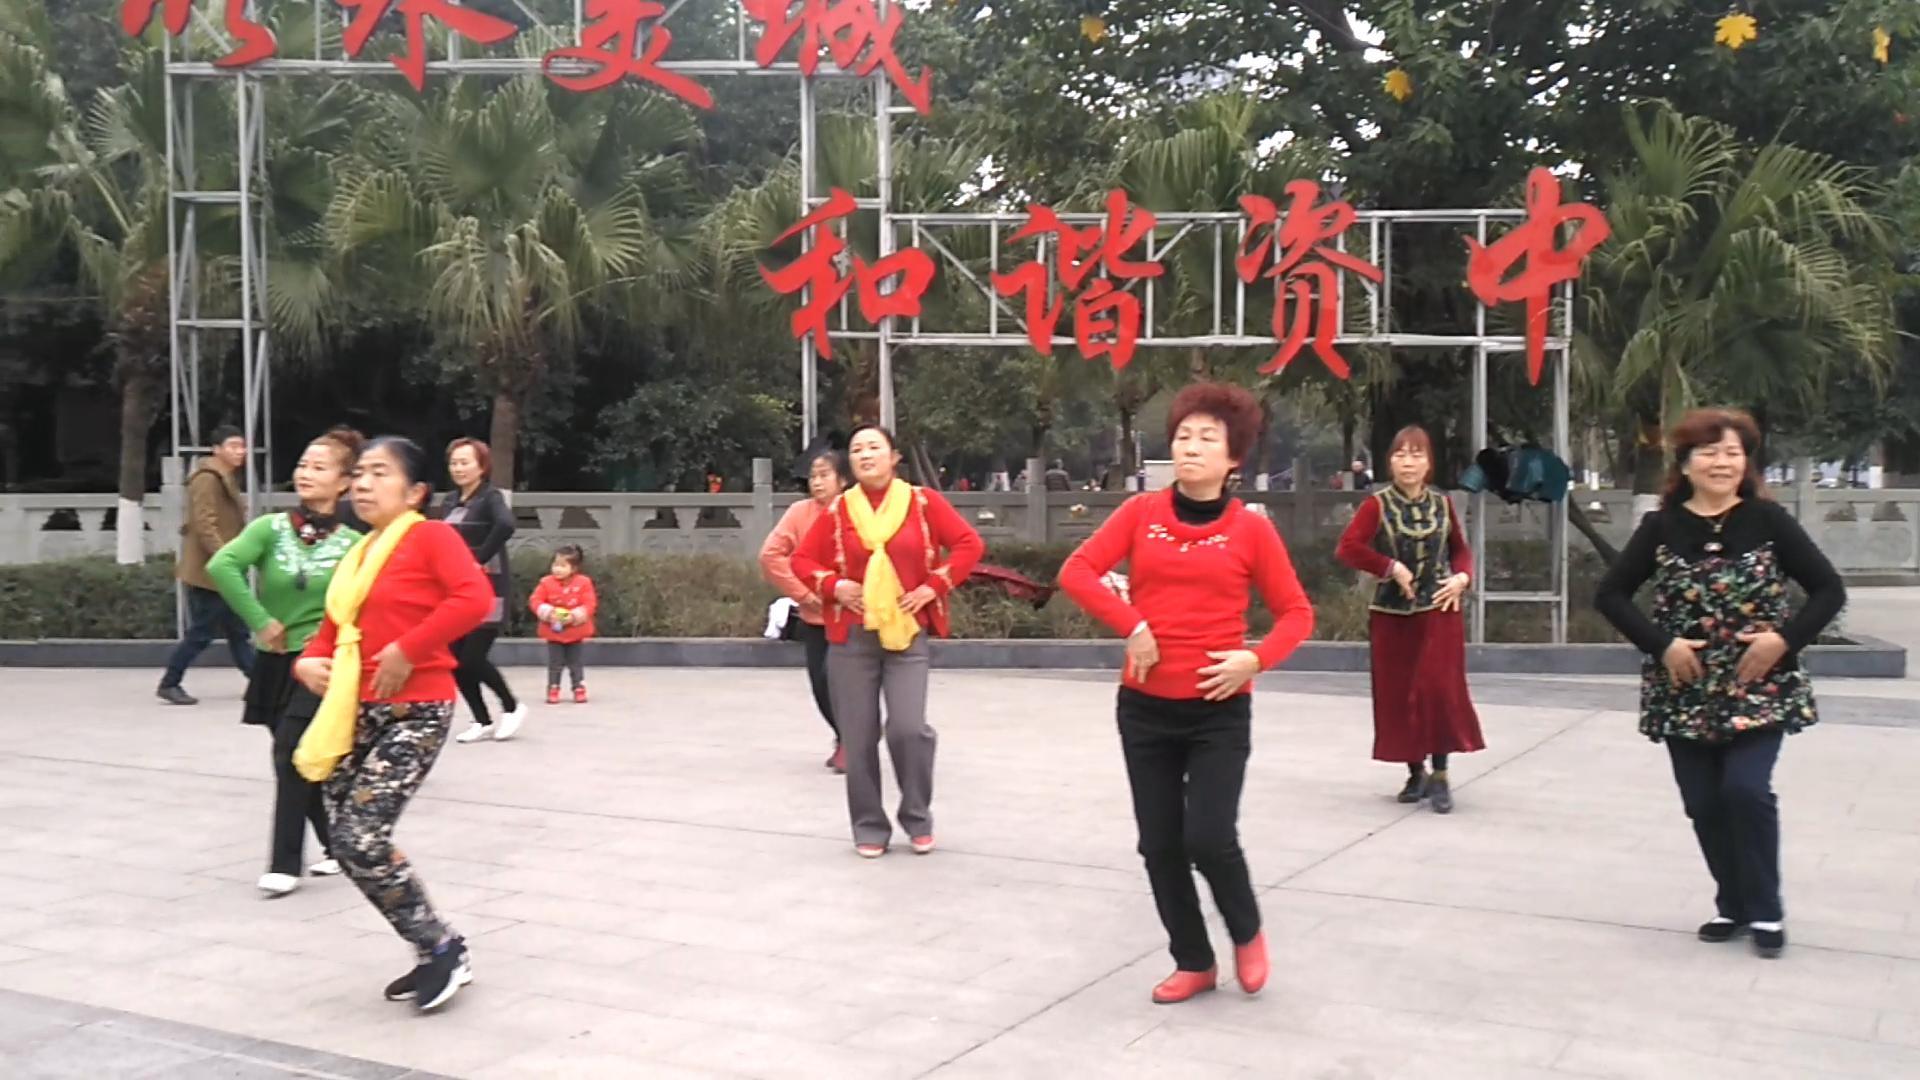 资中县幸福快乐健身队:尽情舞蹈 展示中老年人的风采